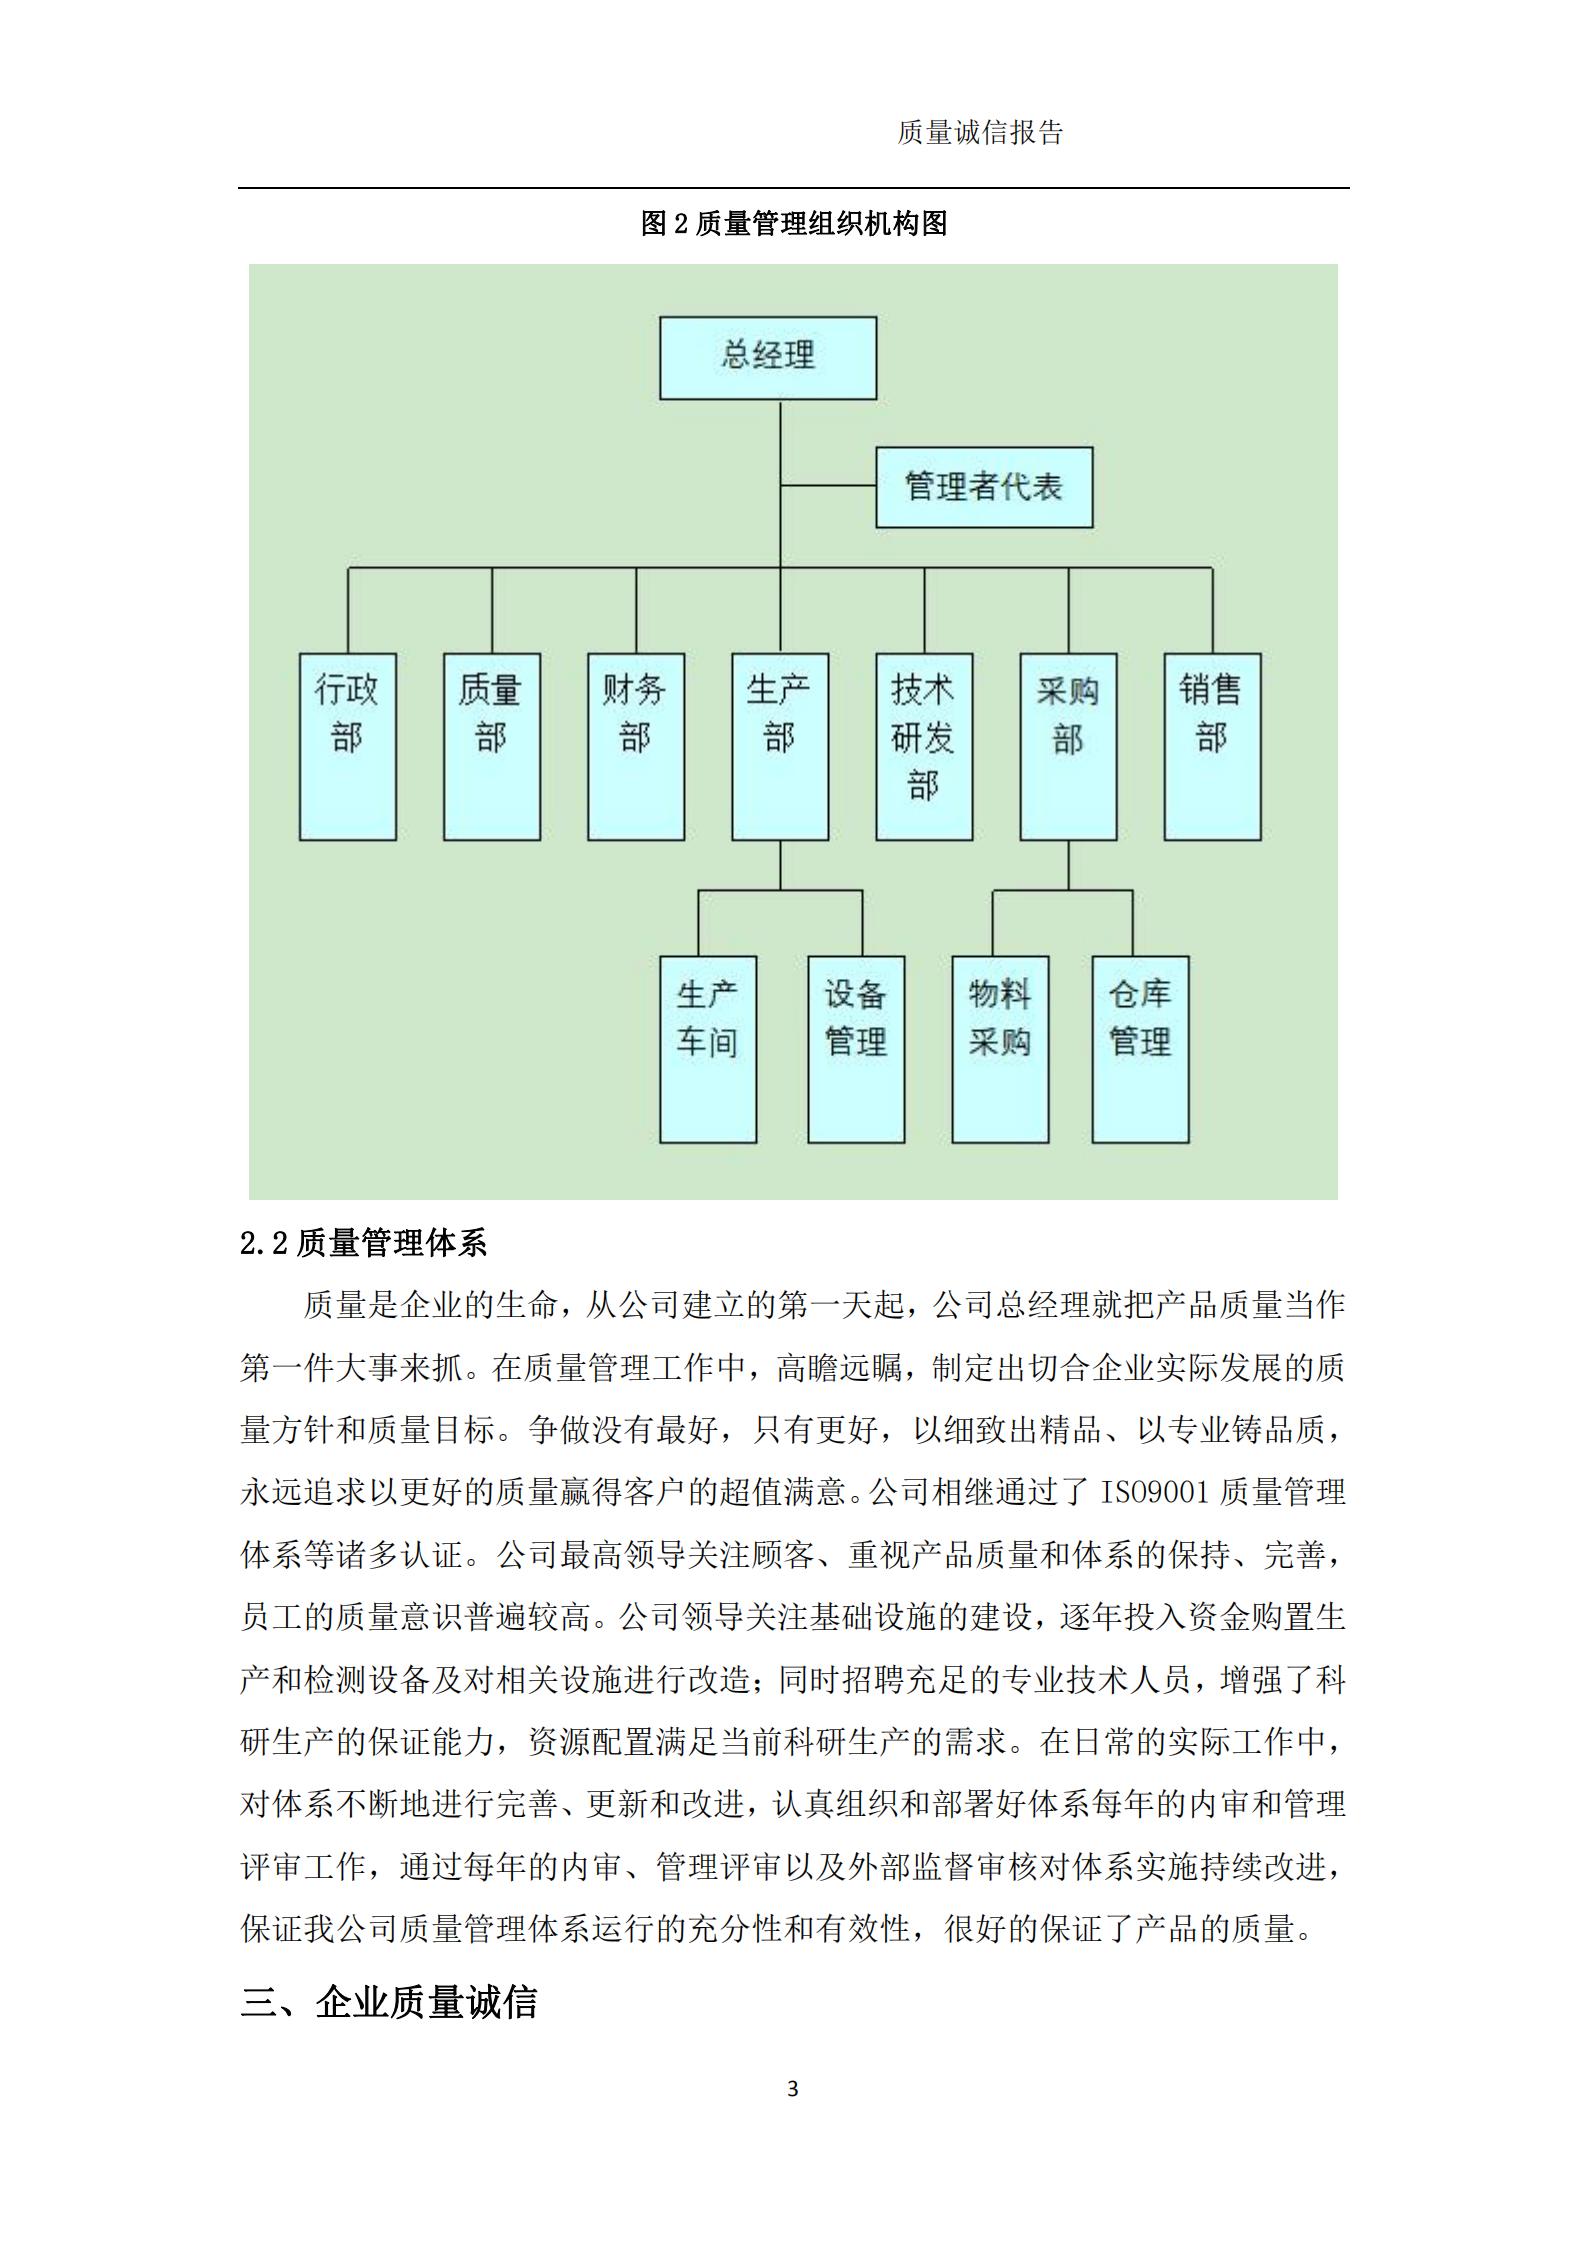 浙江新诚减速机科技有限公司-质量诚信报告(1)_04.png